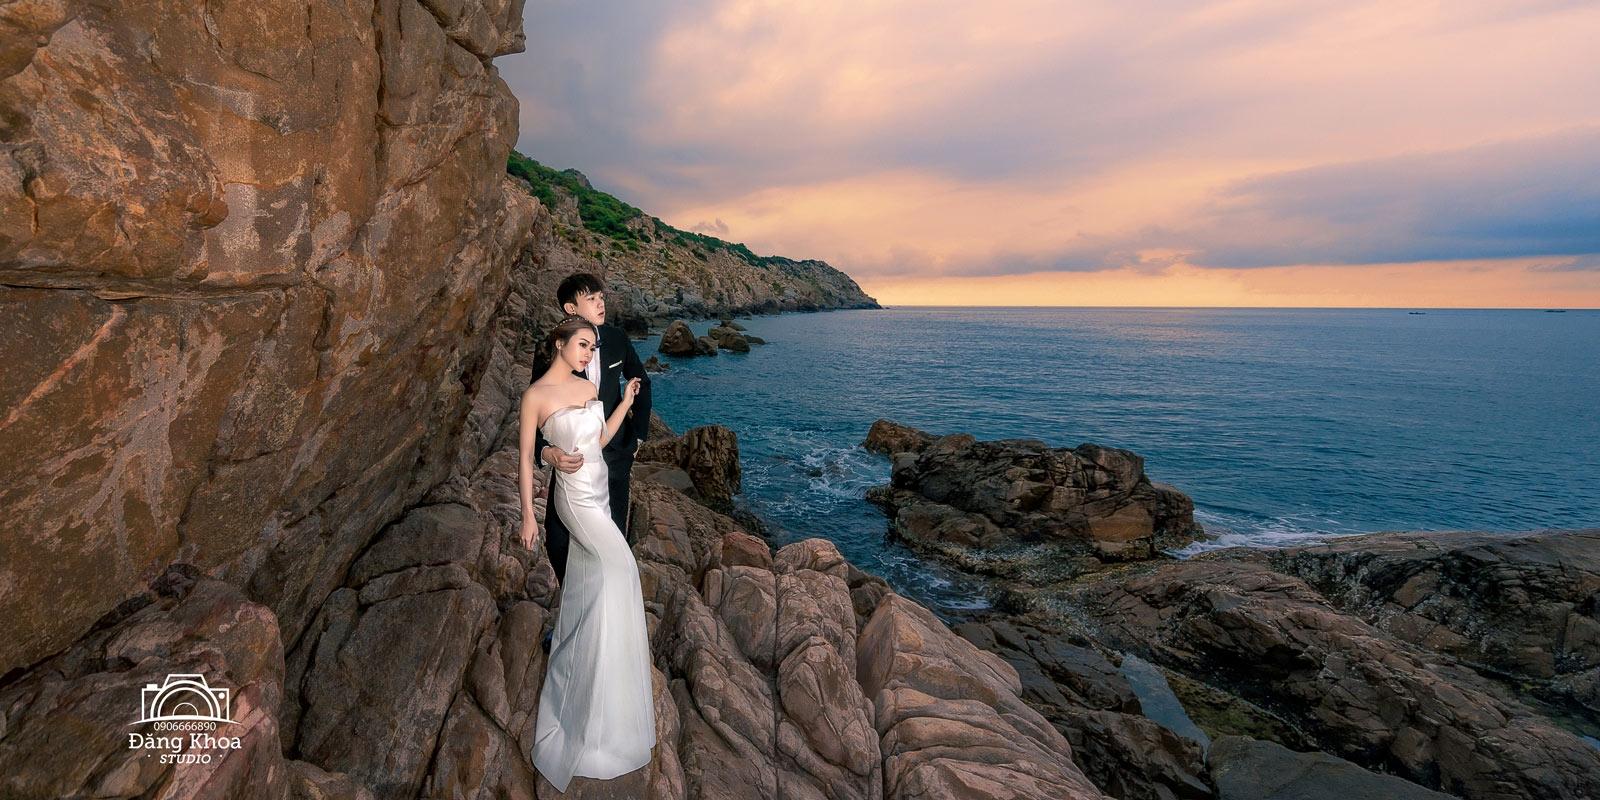 giá chụp hình cưới vĩnh hy